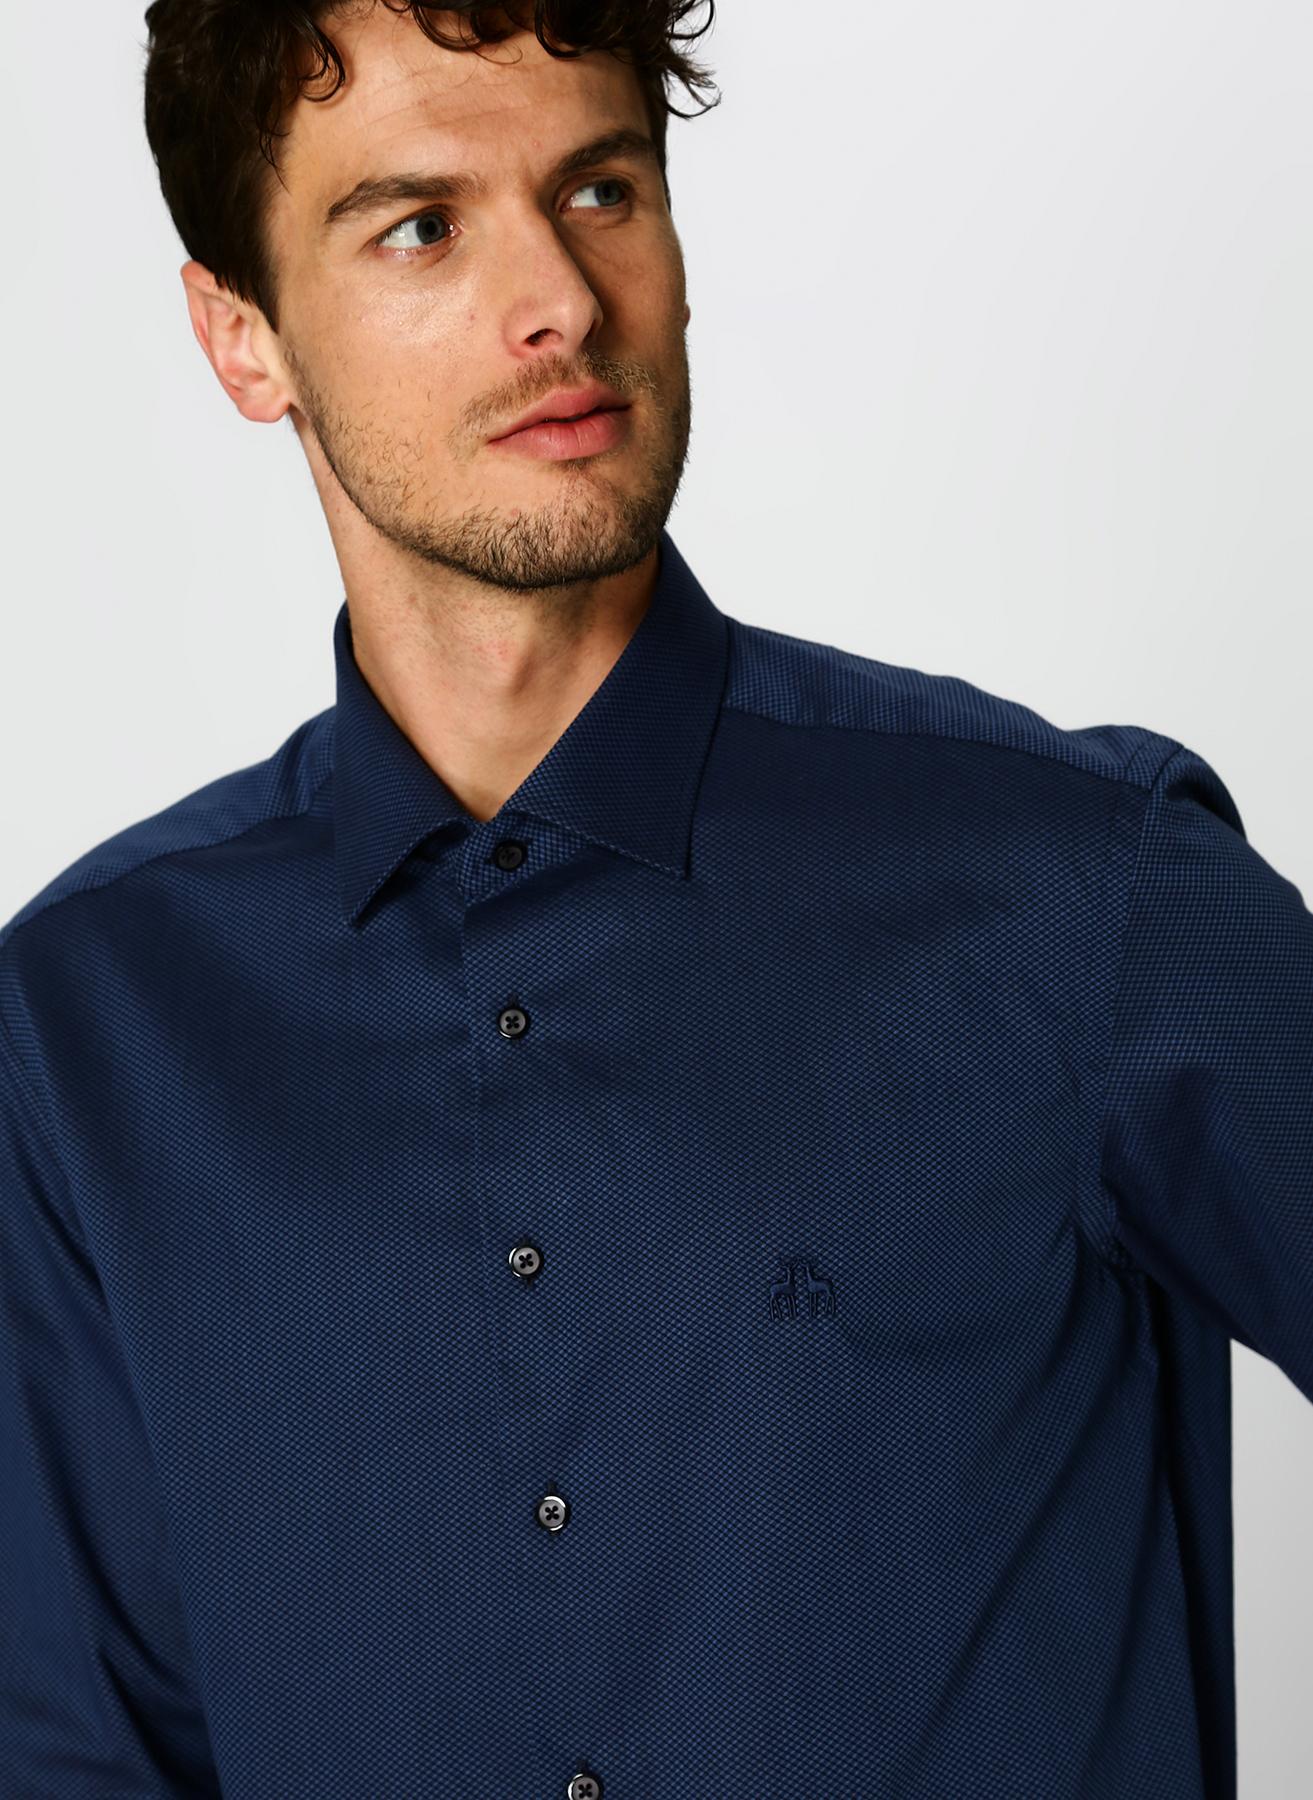 Çift Geyik Karaca Slim Fit Desenli Lacivert Gömlek L 5002339920001 Ürün Resmi